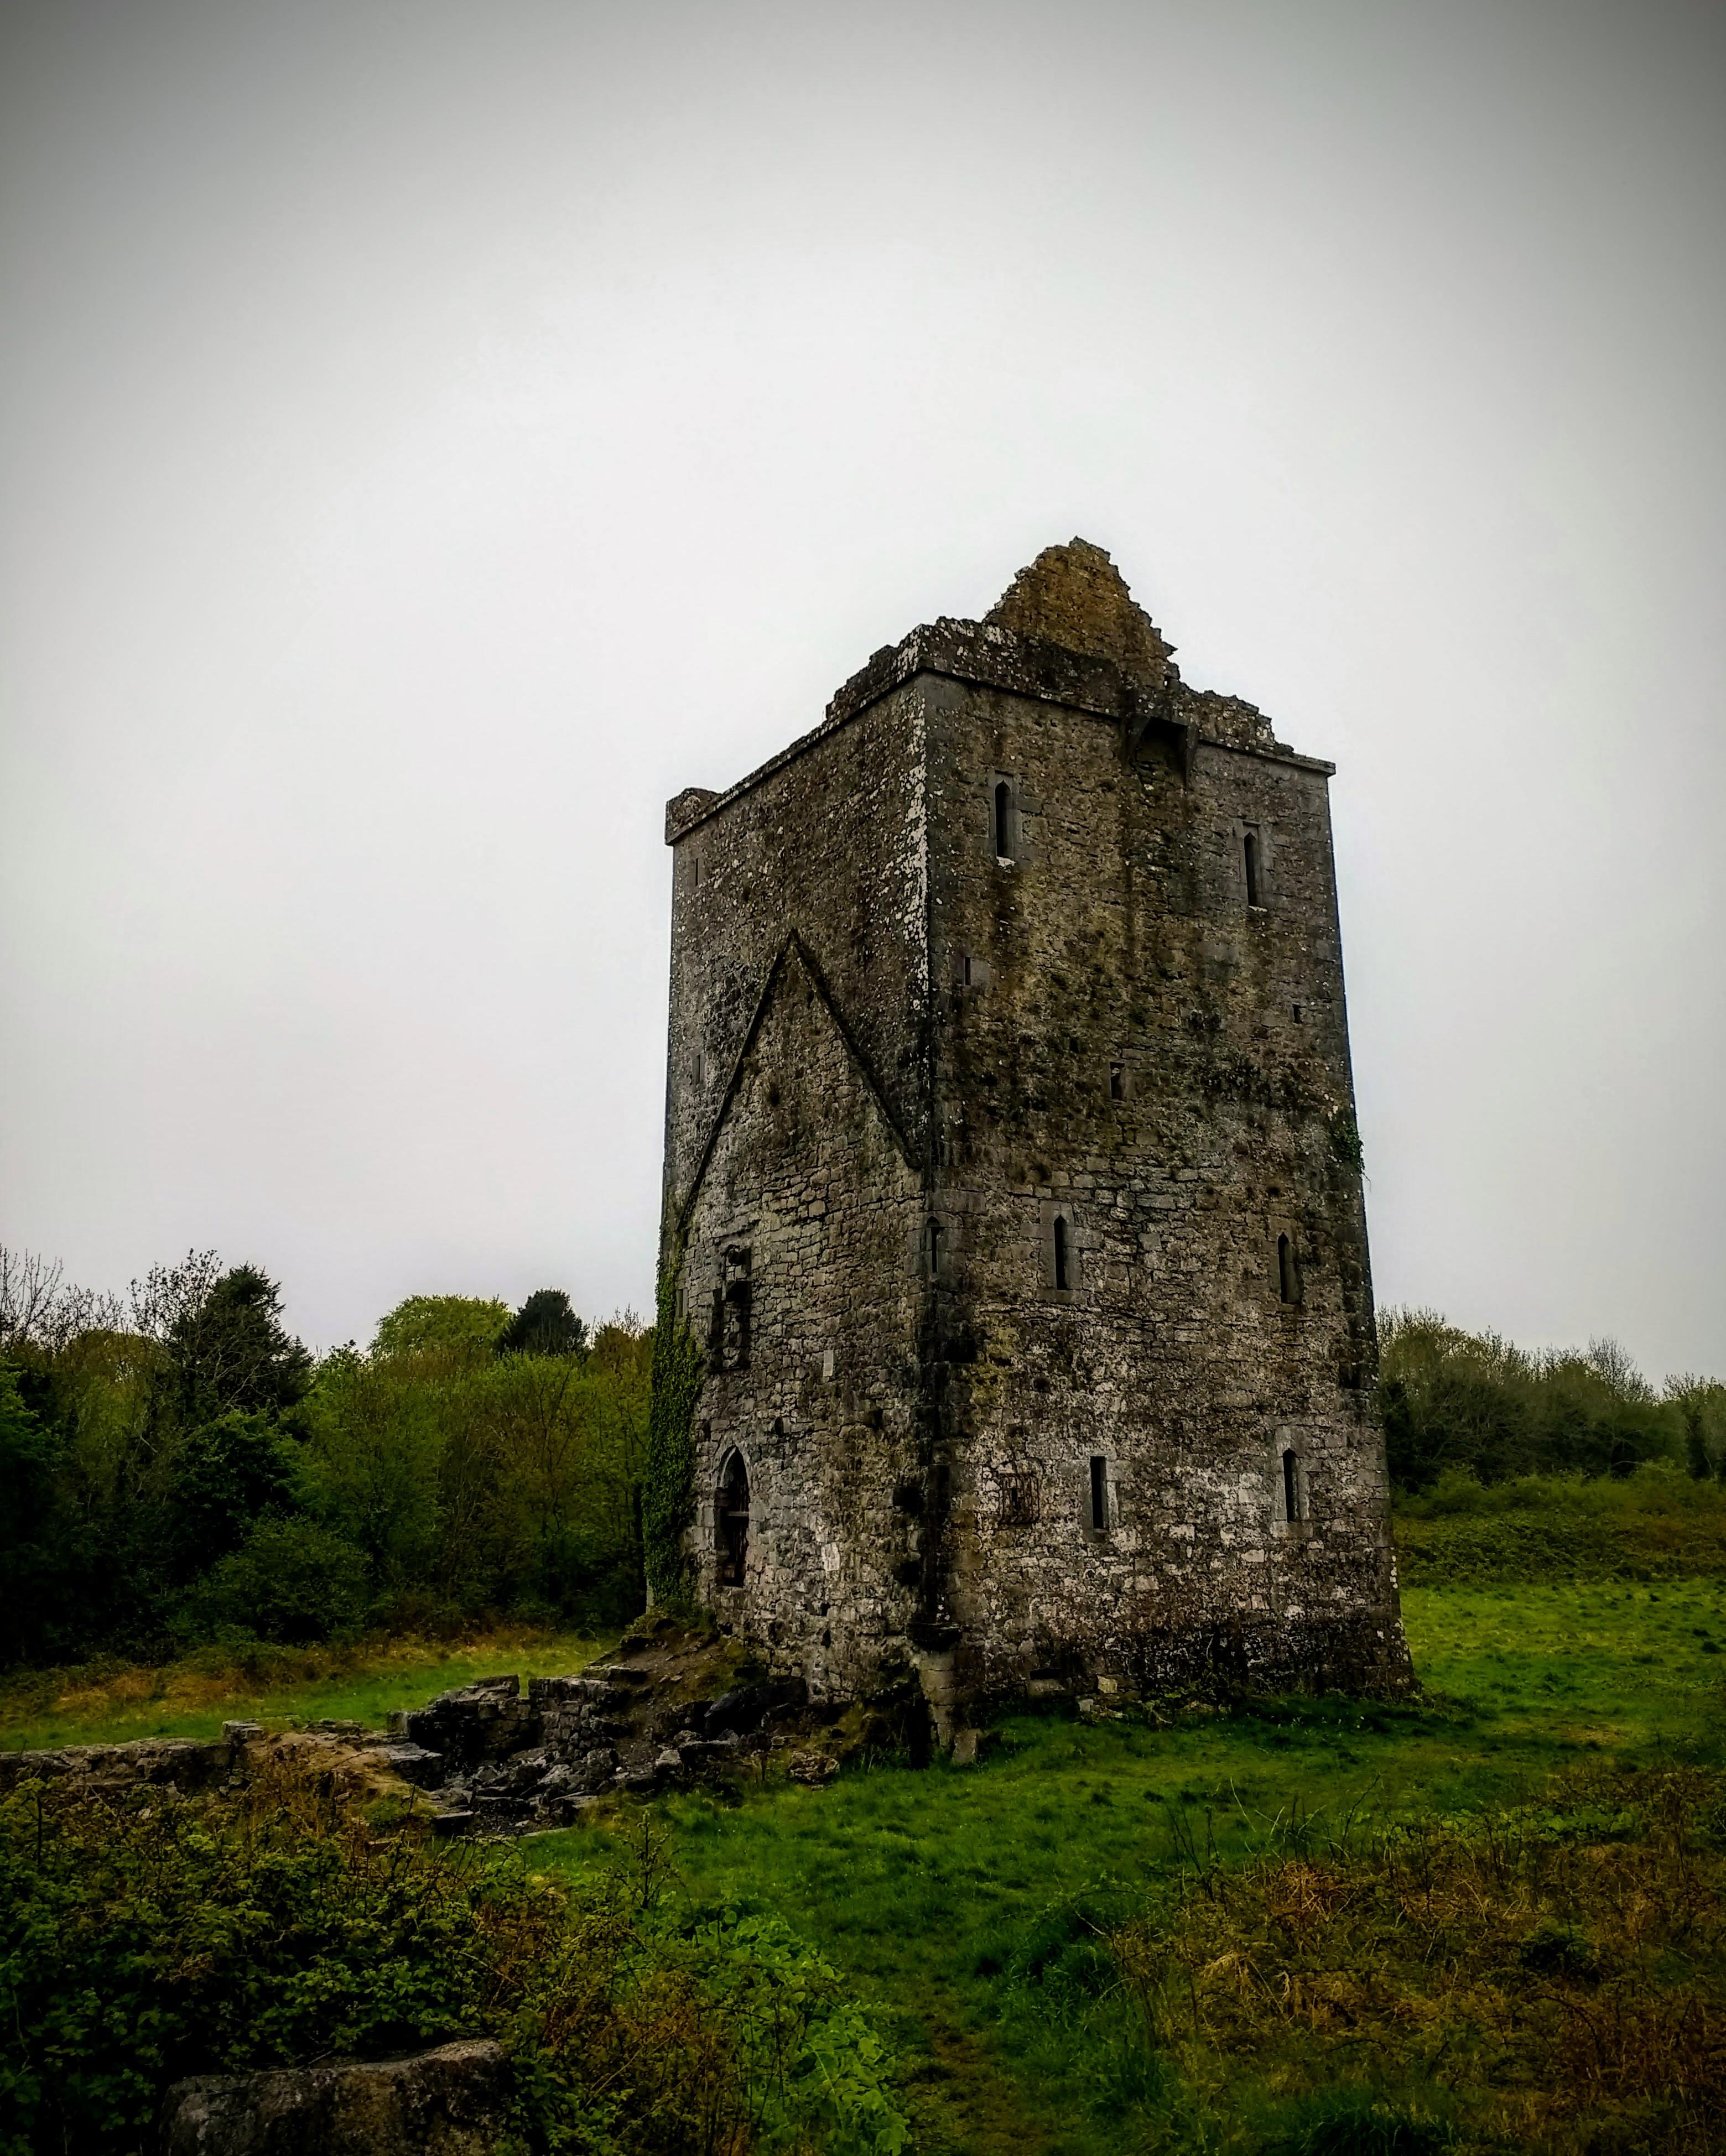 Merlin's Castle